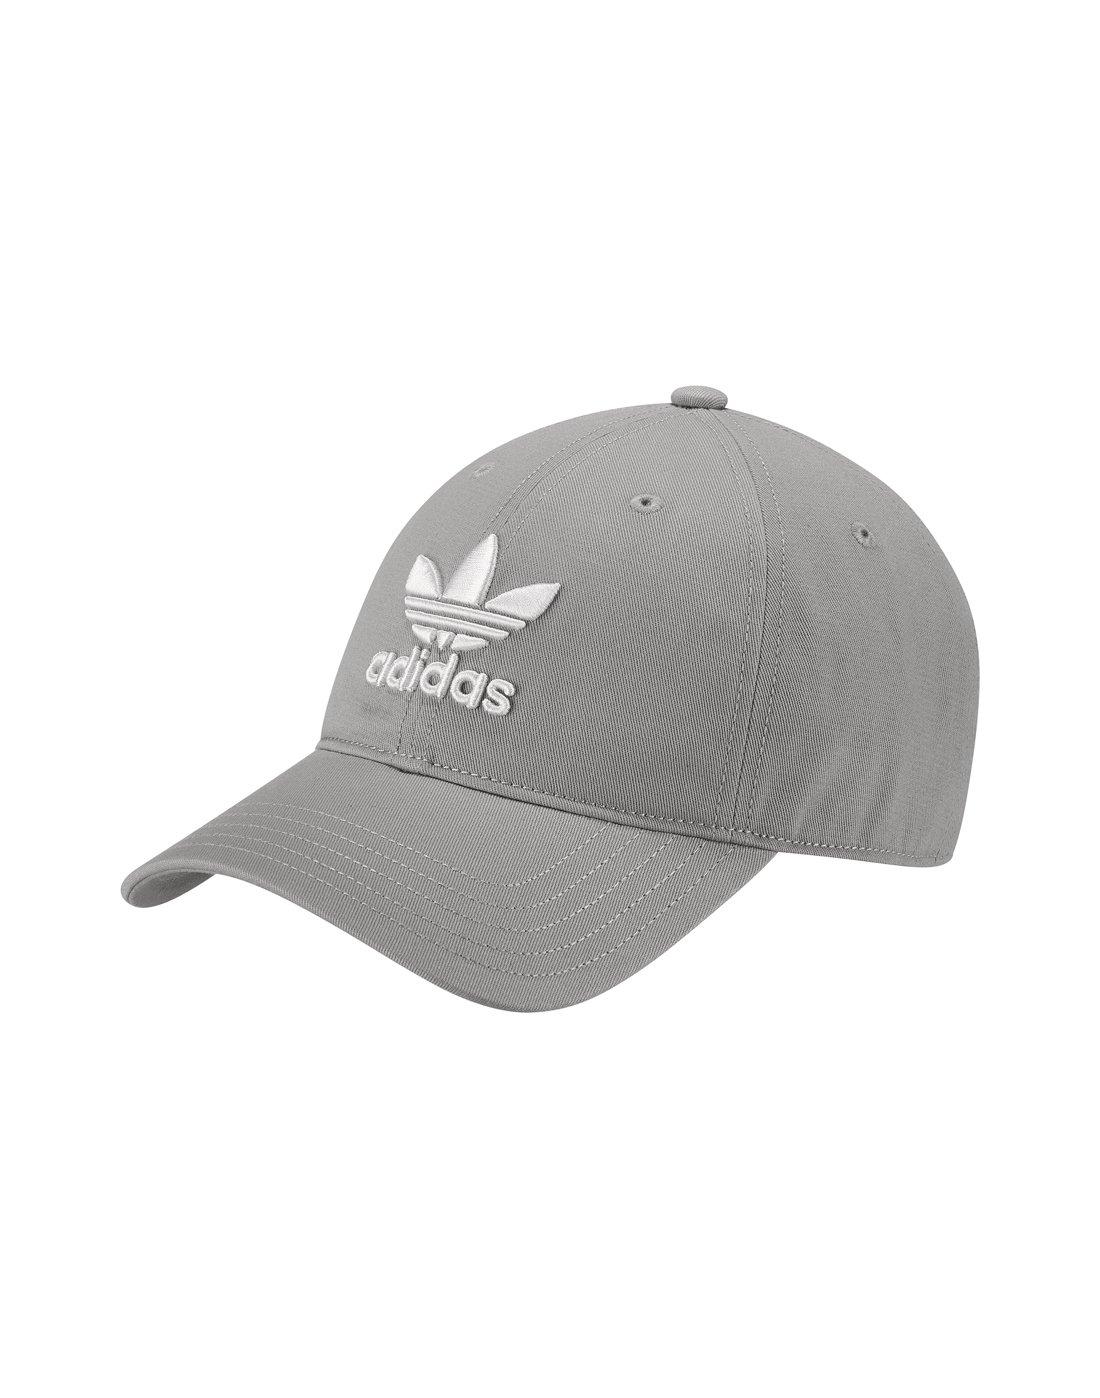 a8133319dd26ff adidas Originals. Trefoil Cap. Trefoil Cap · Trefoil Cap · Trefoil Cap. SALE